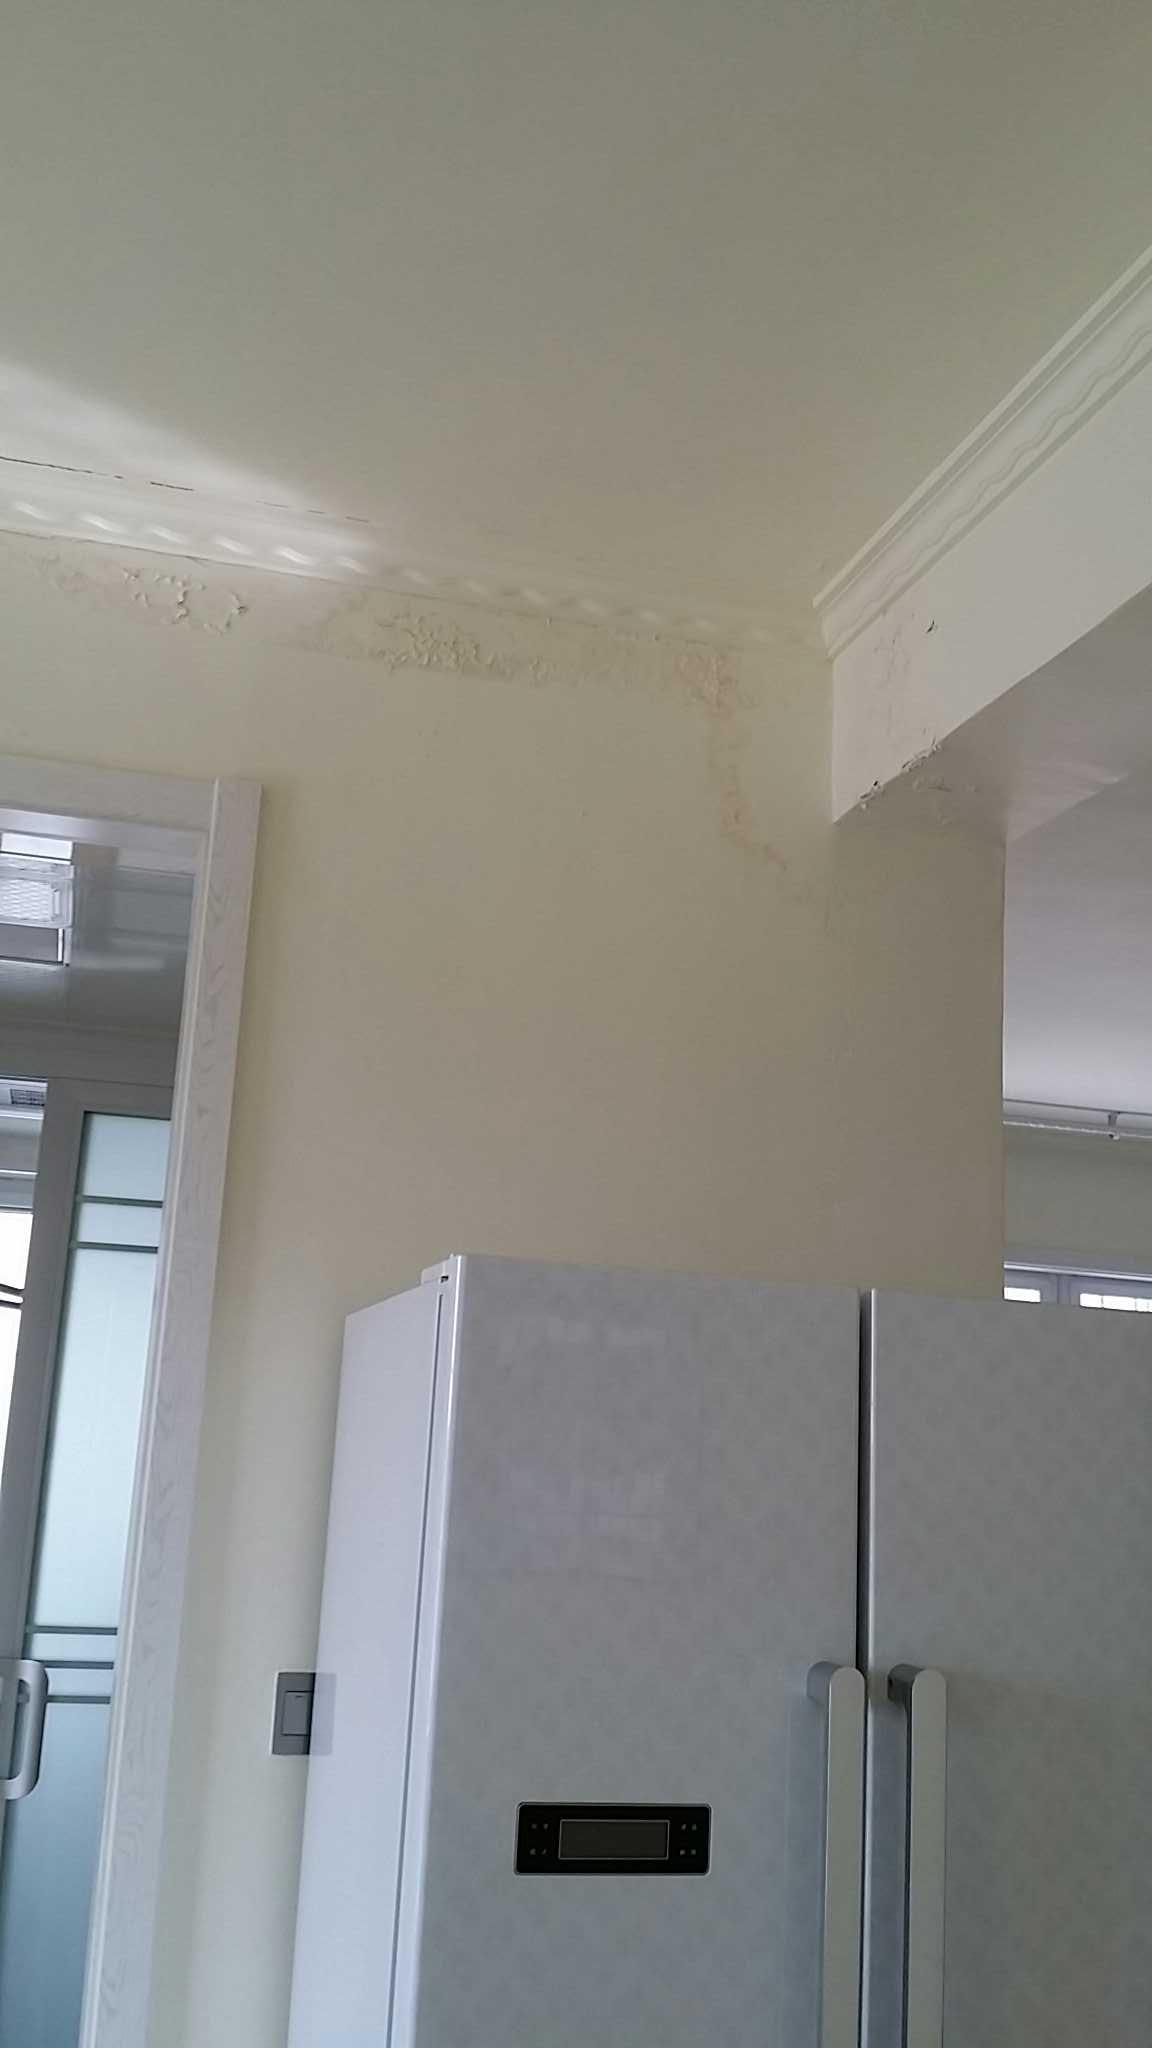 我家楼上漏水墙面掉皮发霉怎么办?石膏线都快掉了!图片